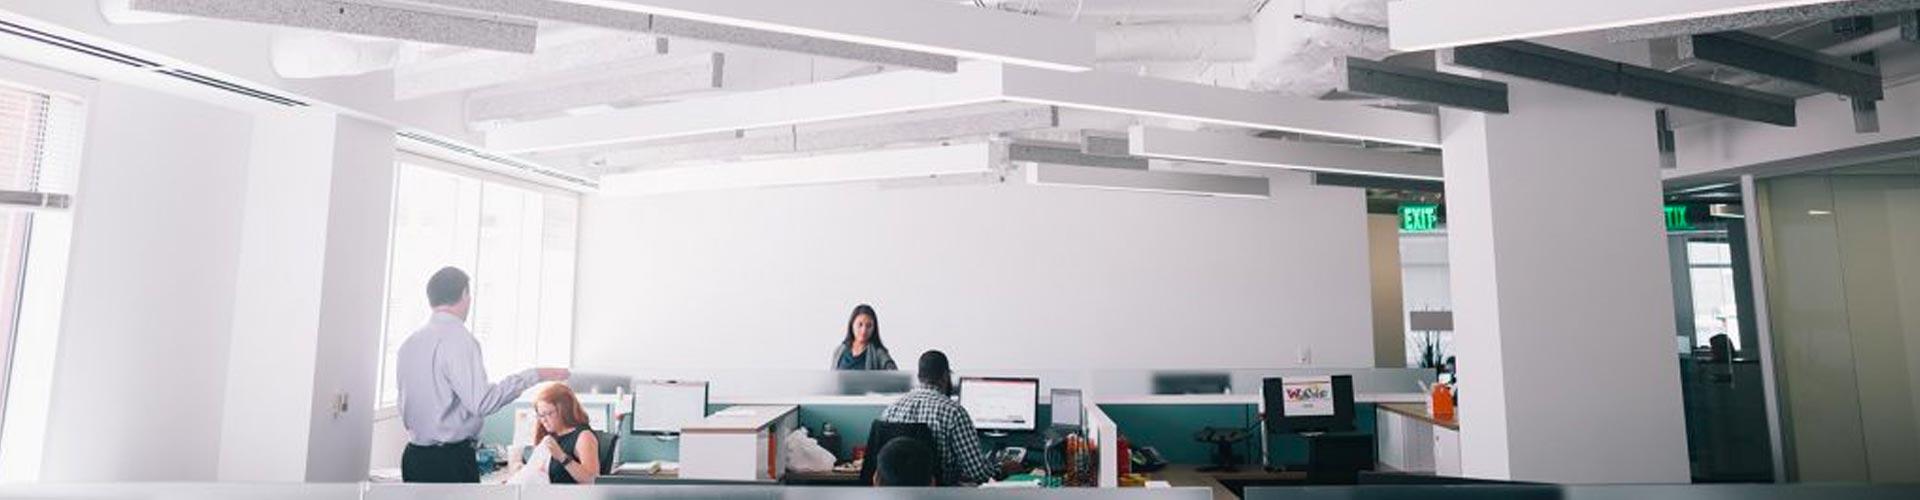 Workforce Planning Consultation